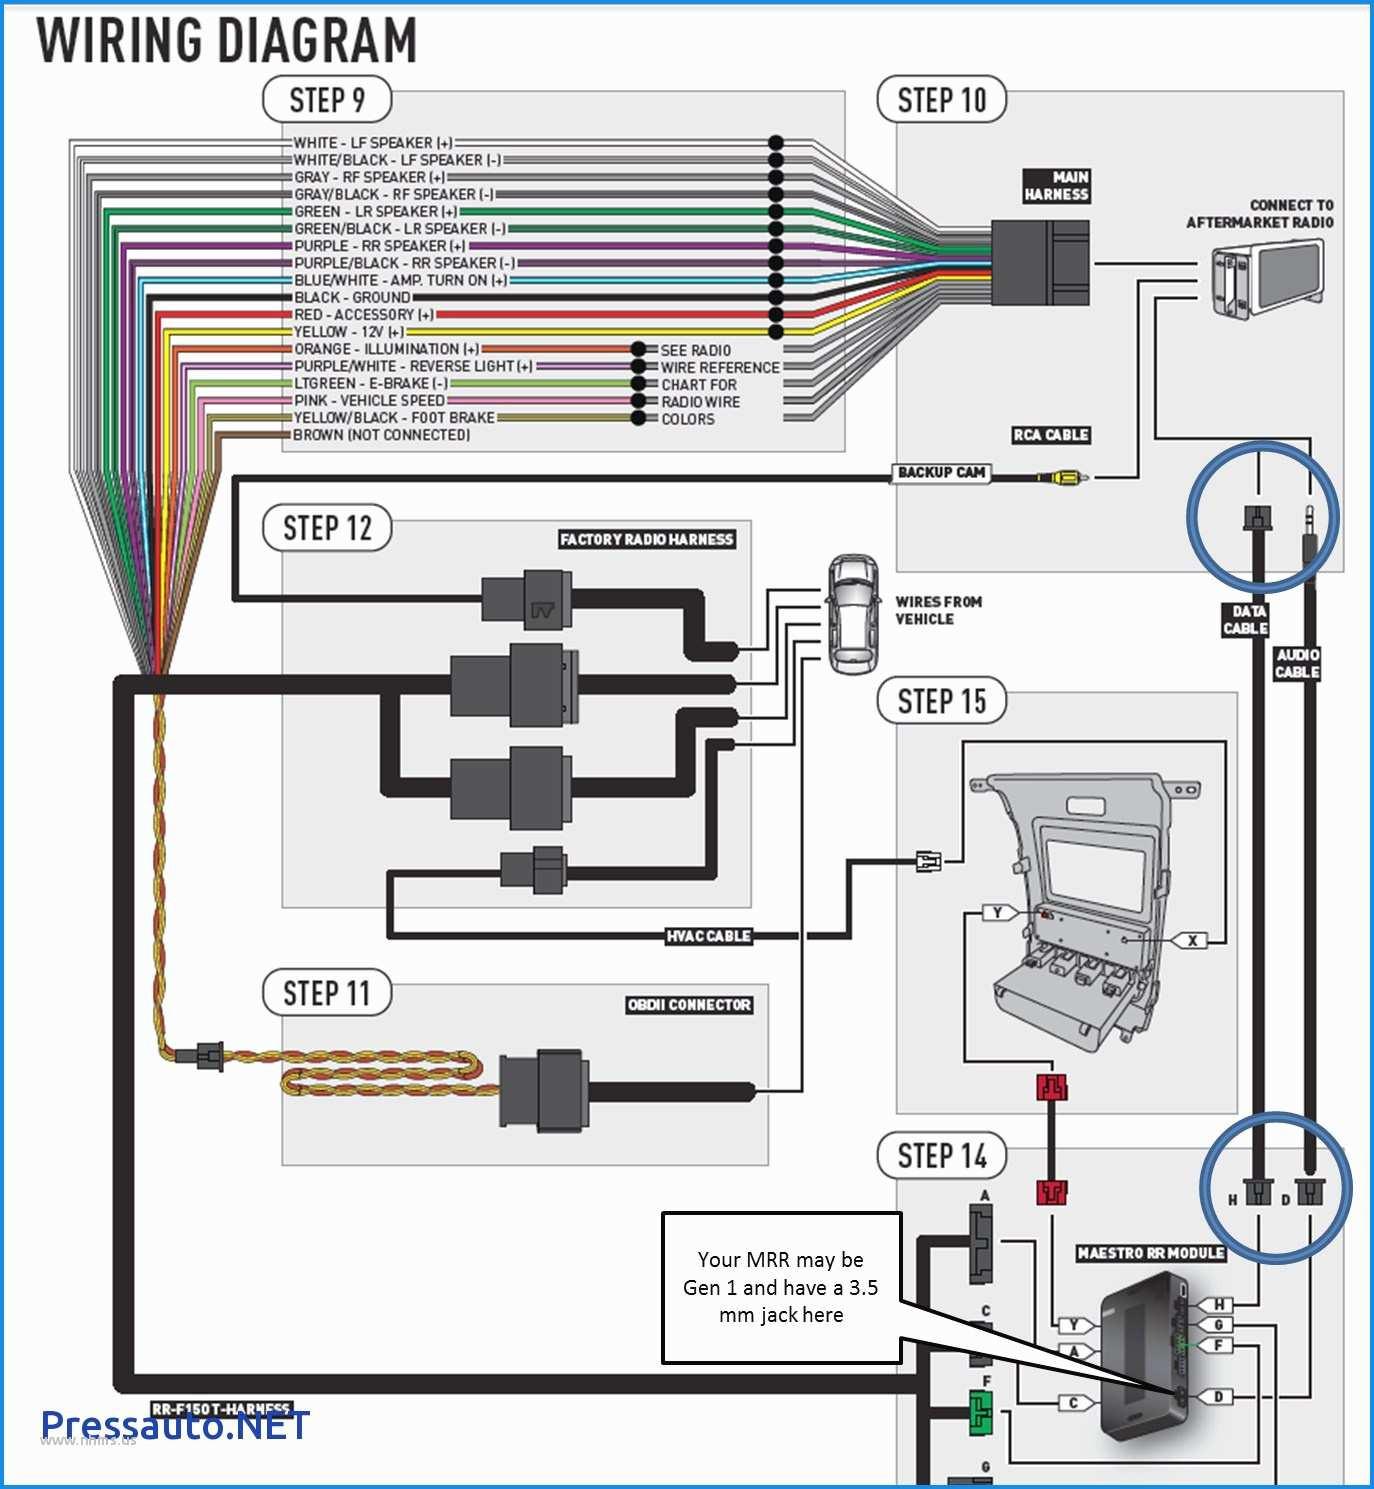 Wiring Diagram For Pioneer Avh X2800Bs | Wiring Diagram - Pioneer Avh-X2800Bs Wiring Harness Diagram